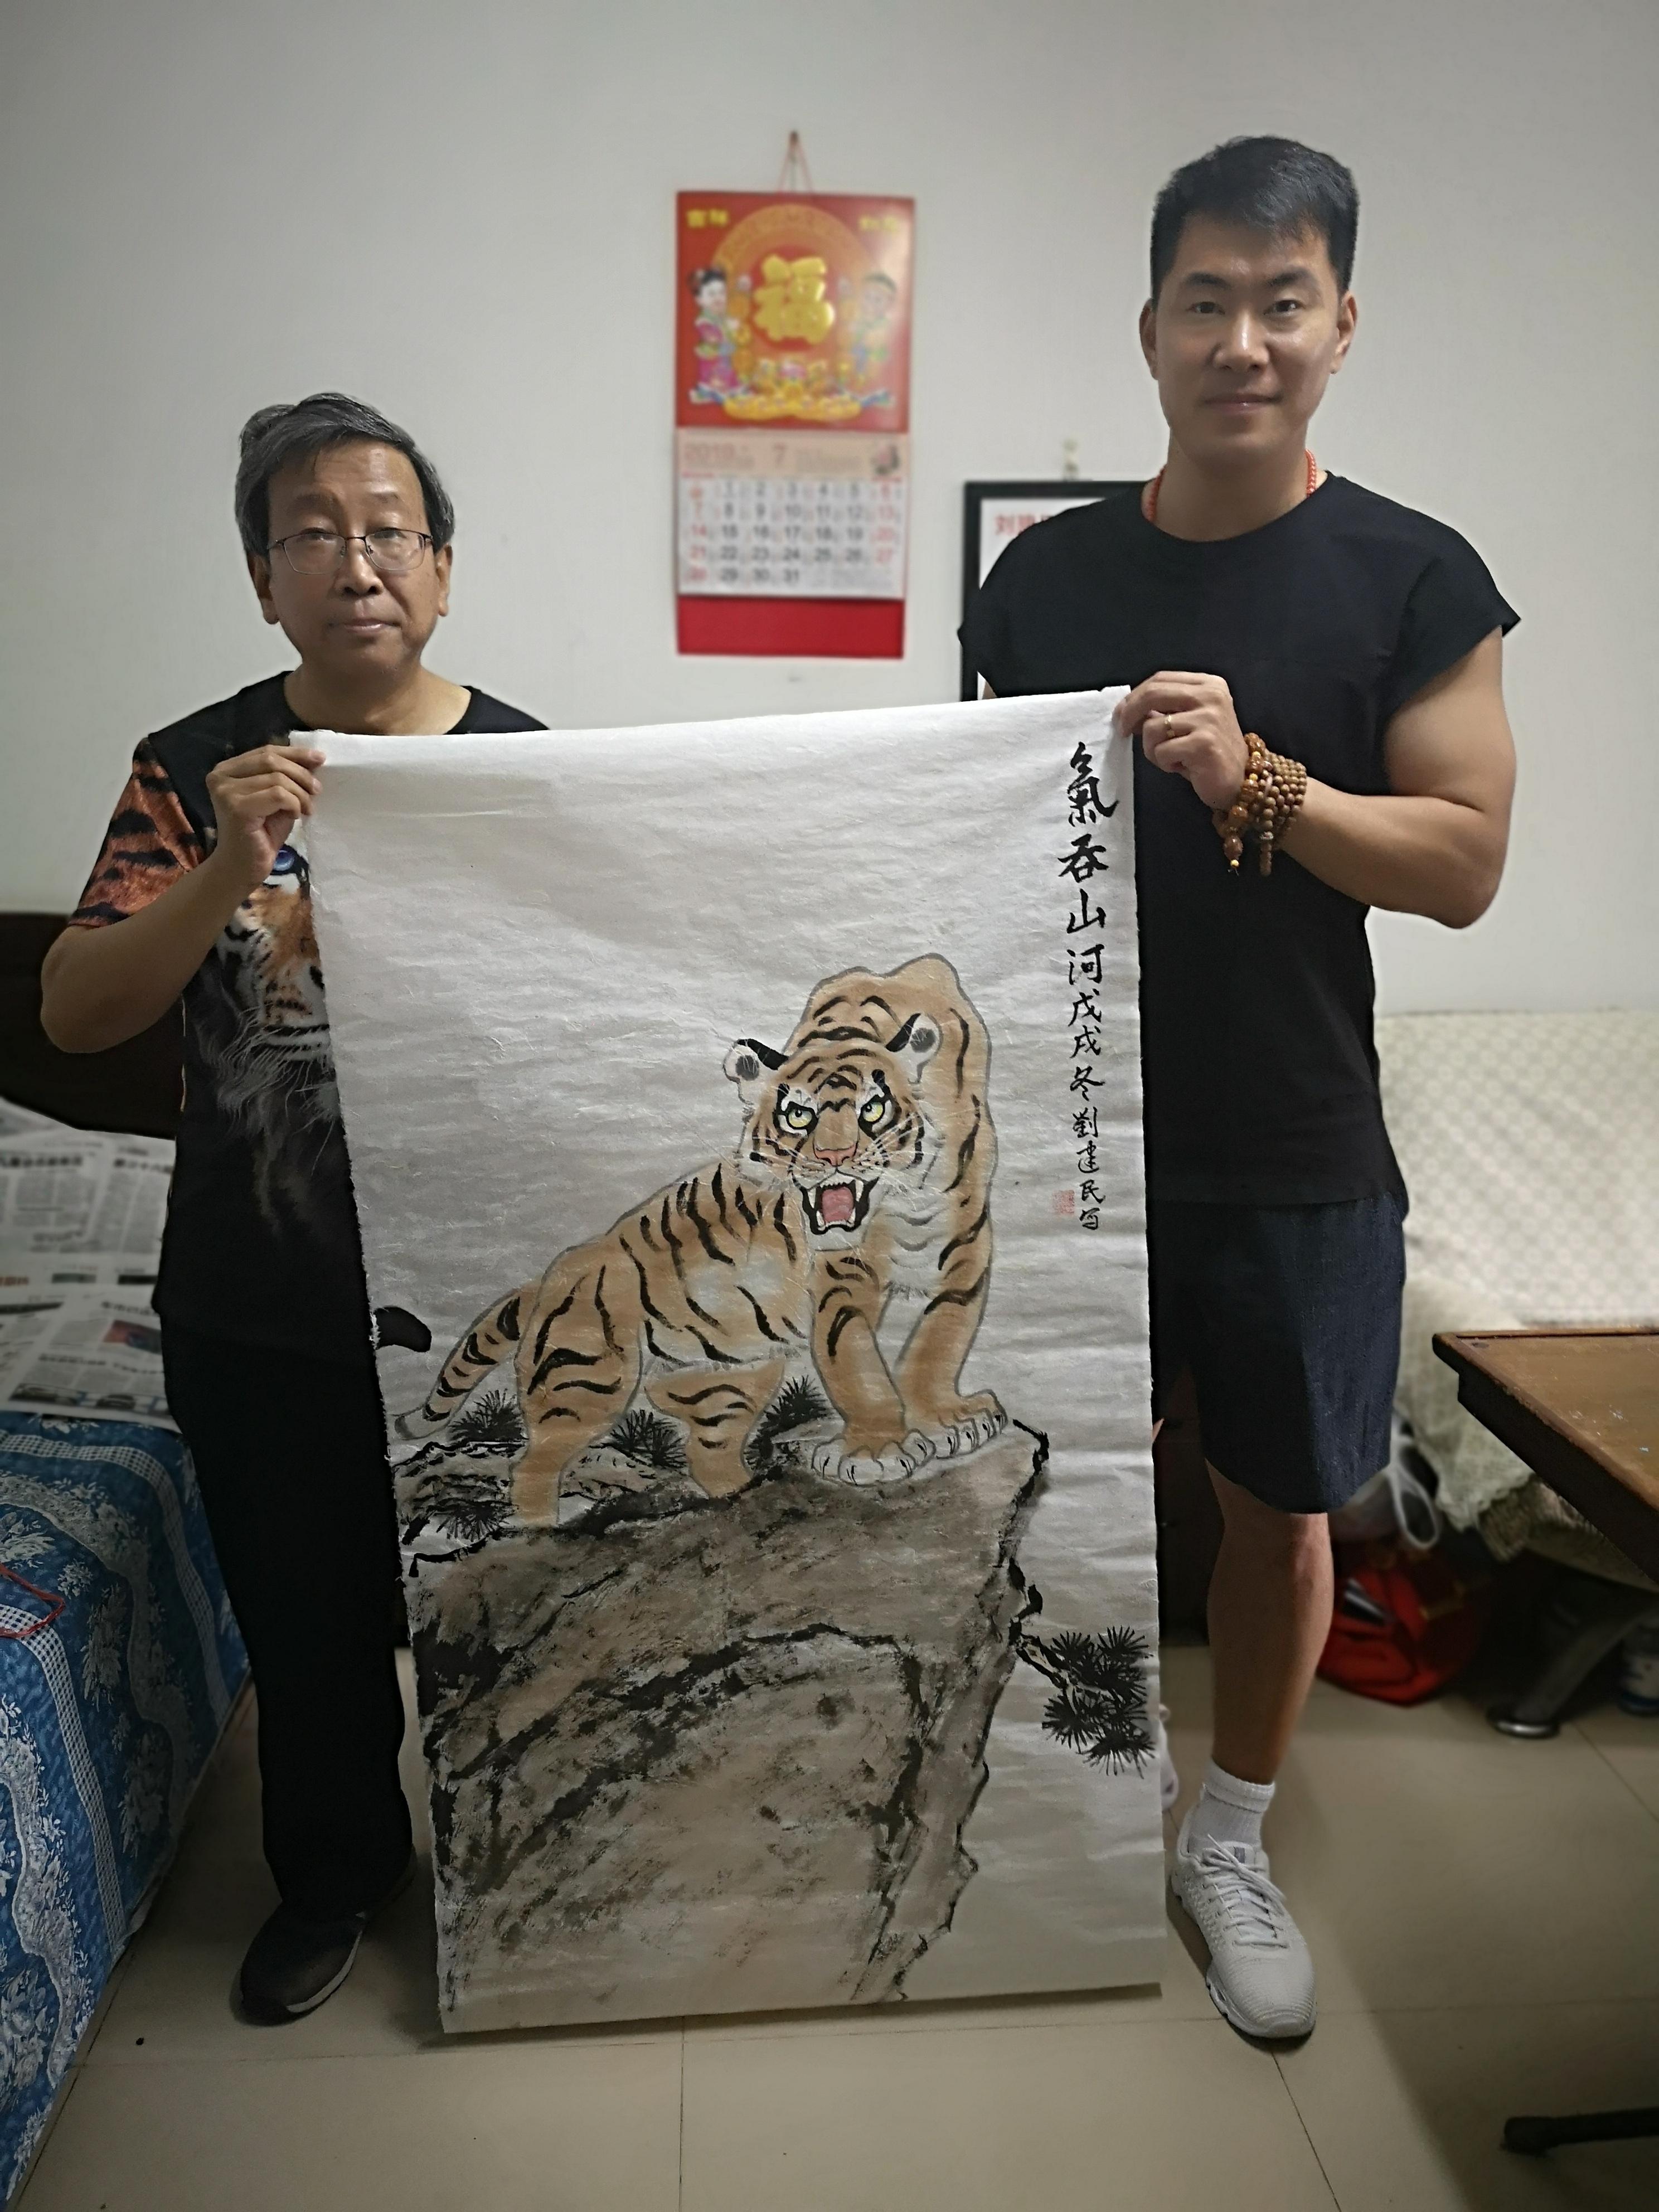 画家刘建民赠画作《气吞山河》,预祝张昊再取佳绩